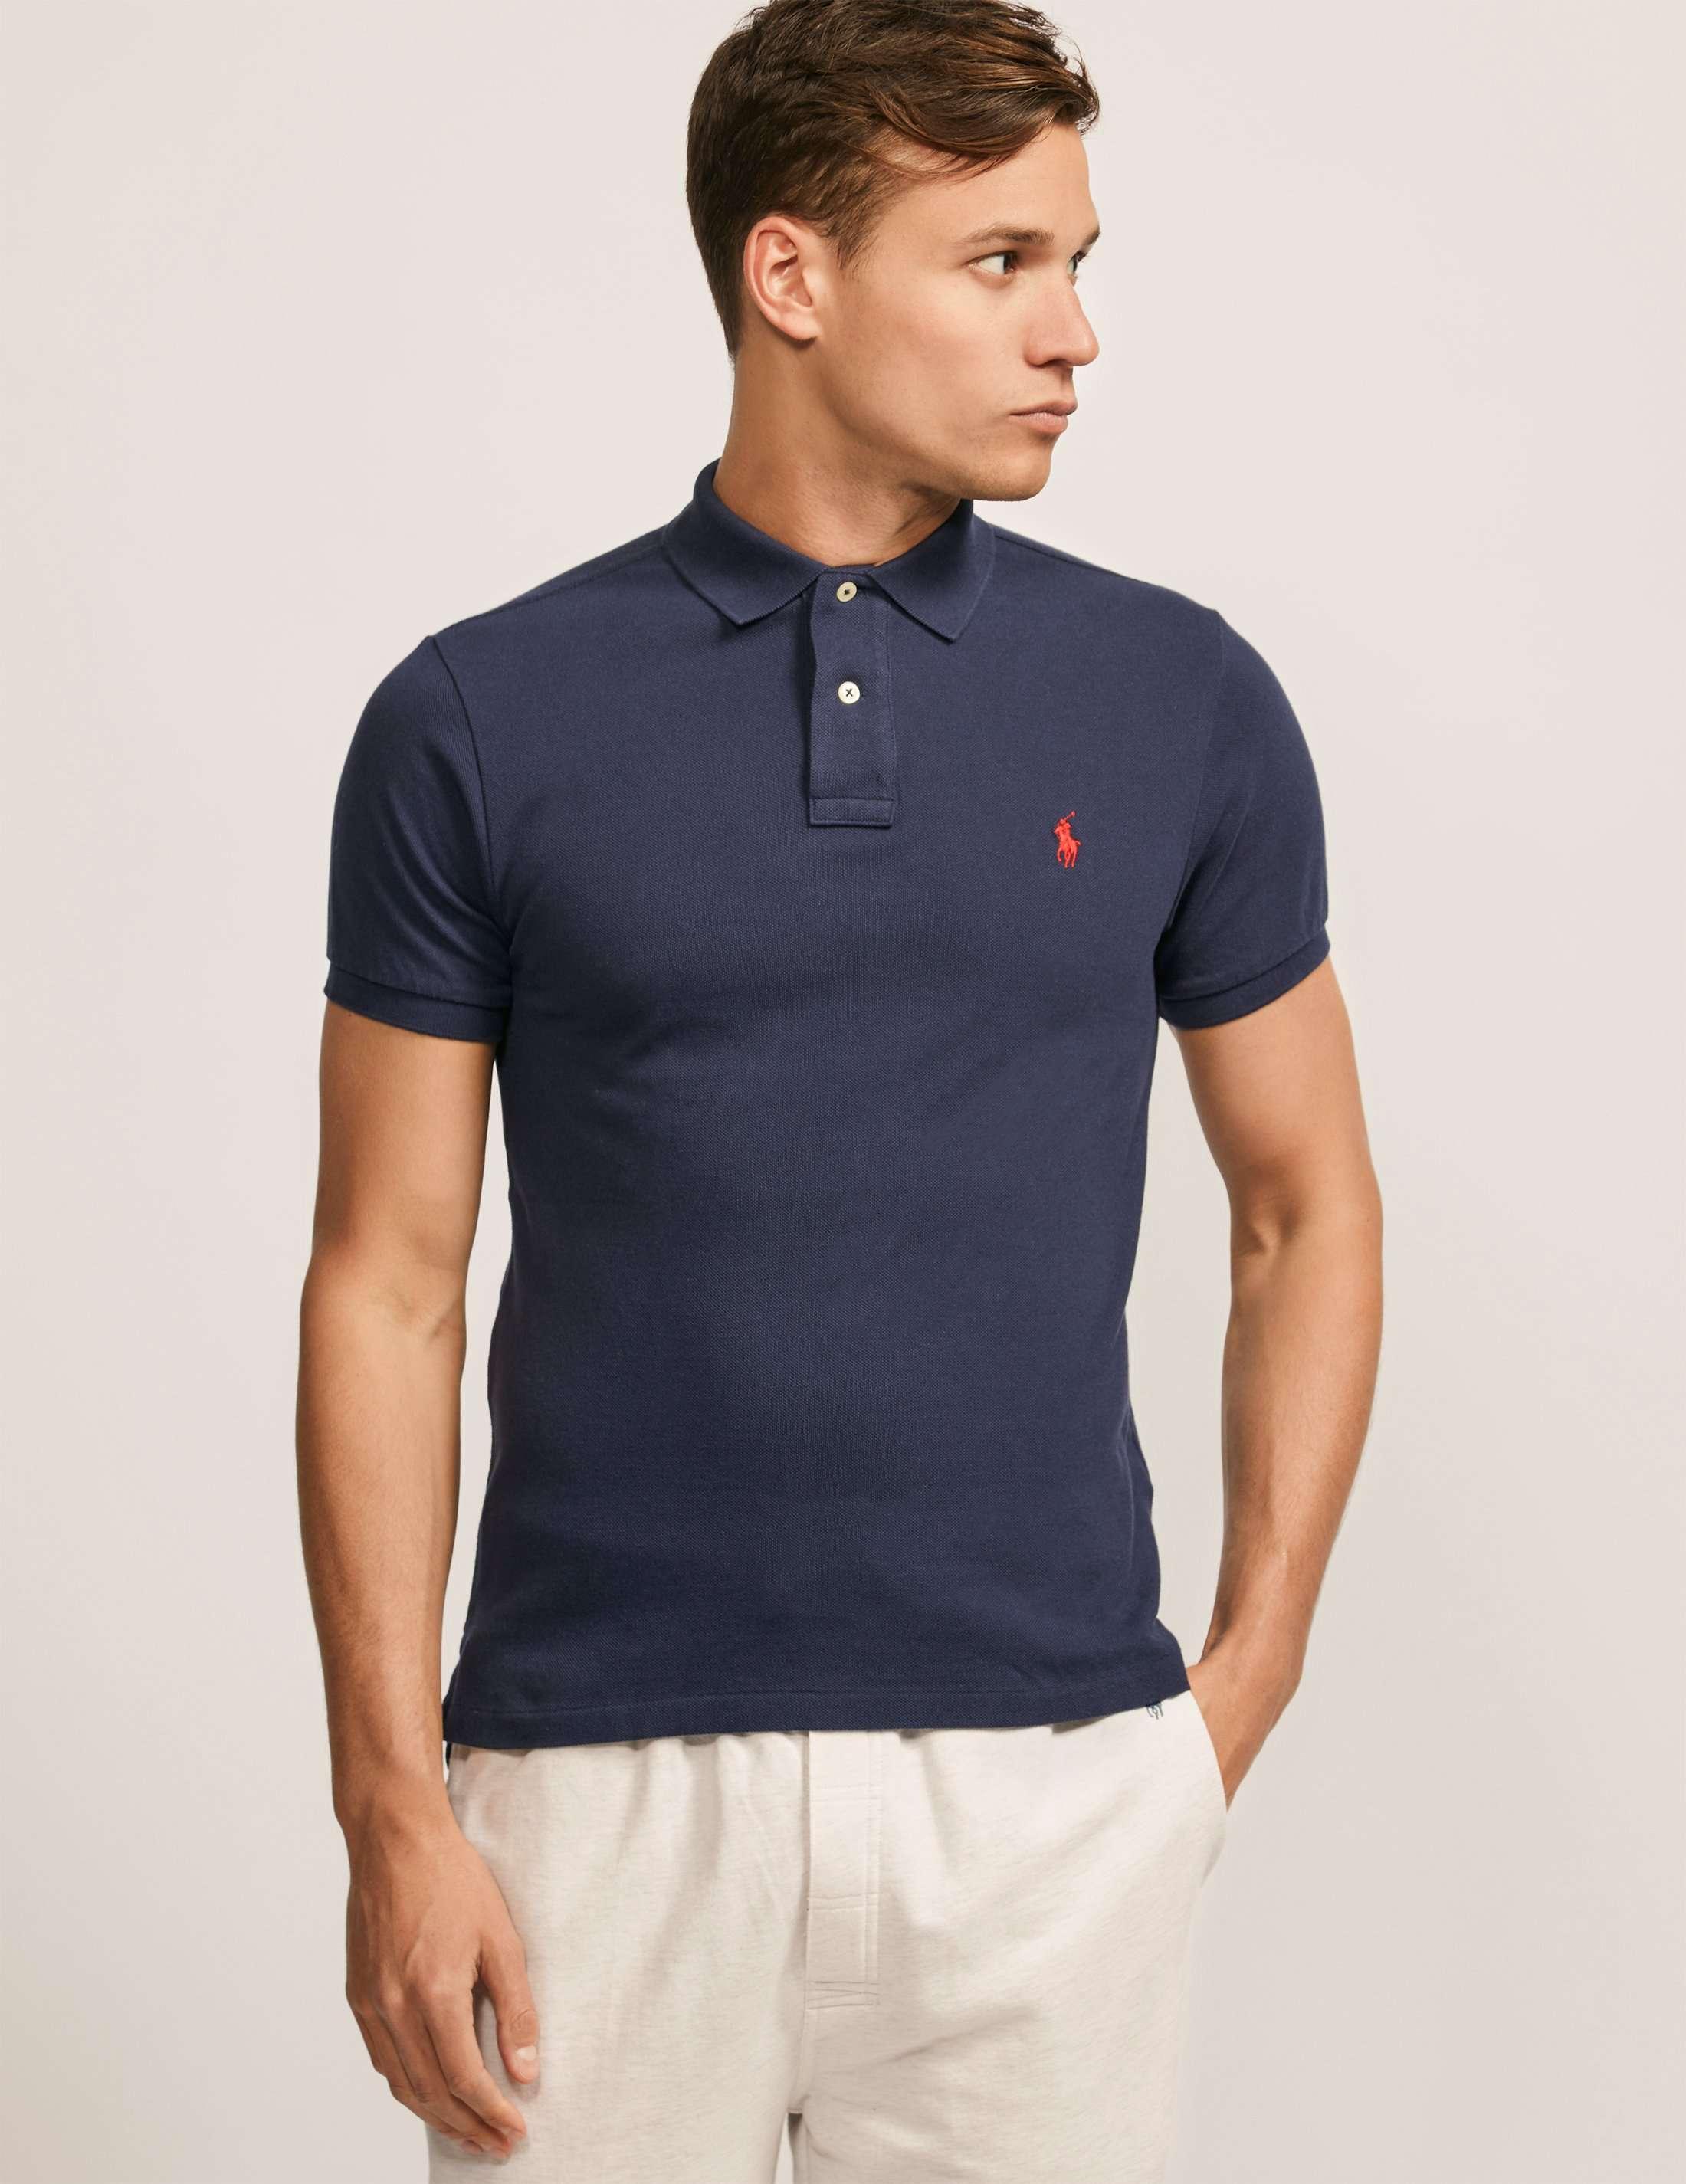 Polo Ralph Lauren Slim Fit Polo Shirt | Tessuti